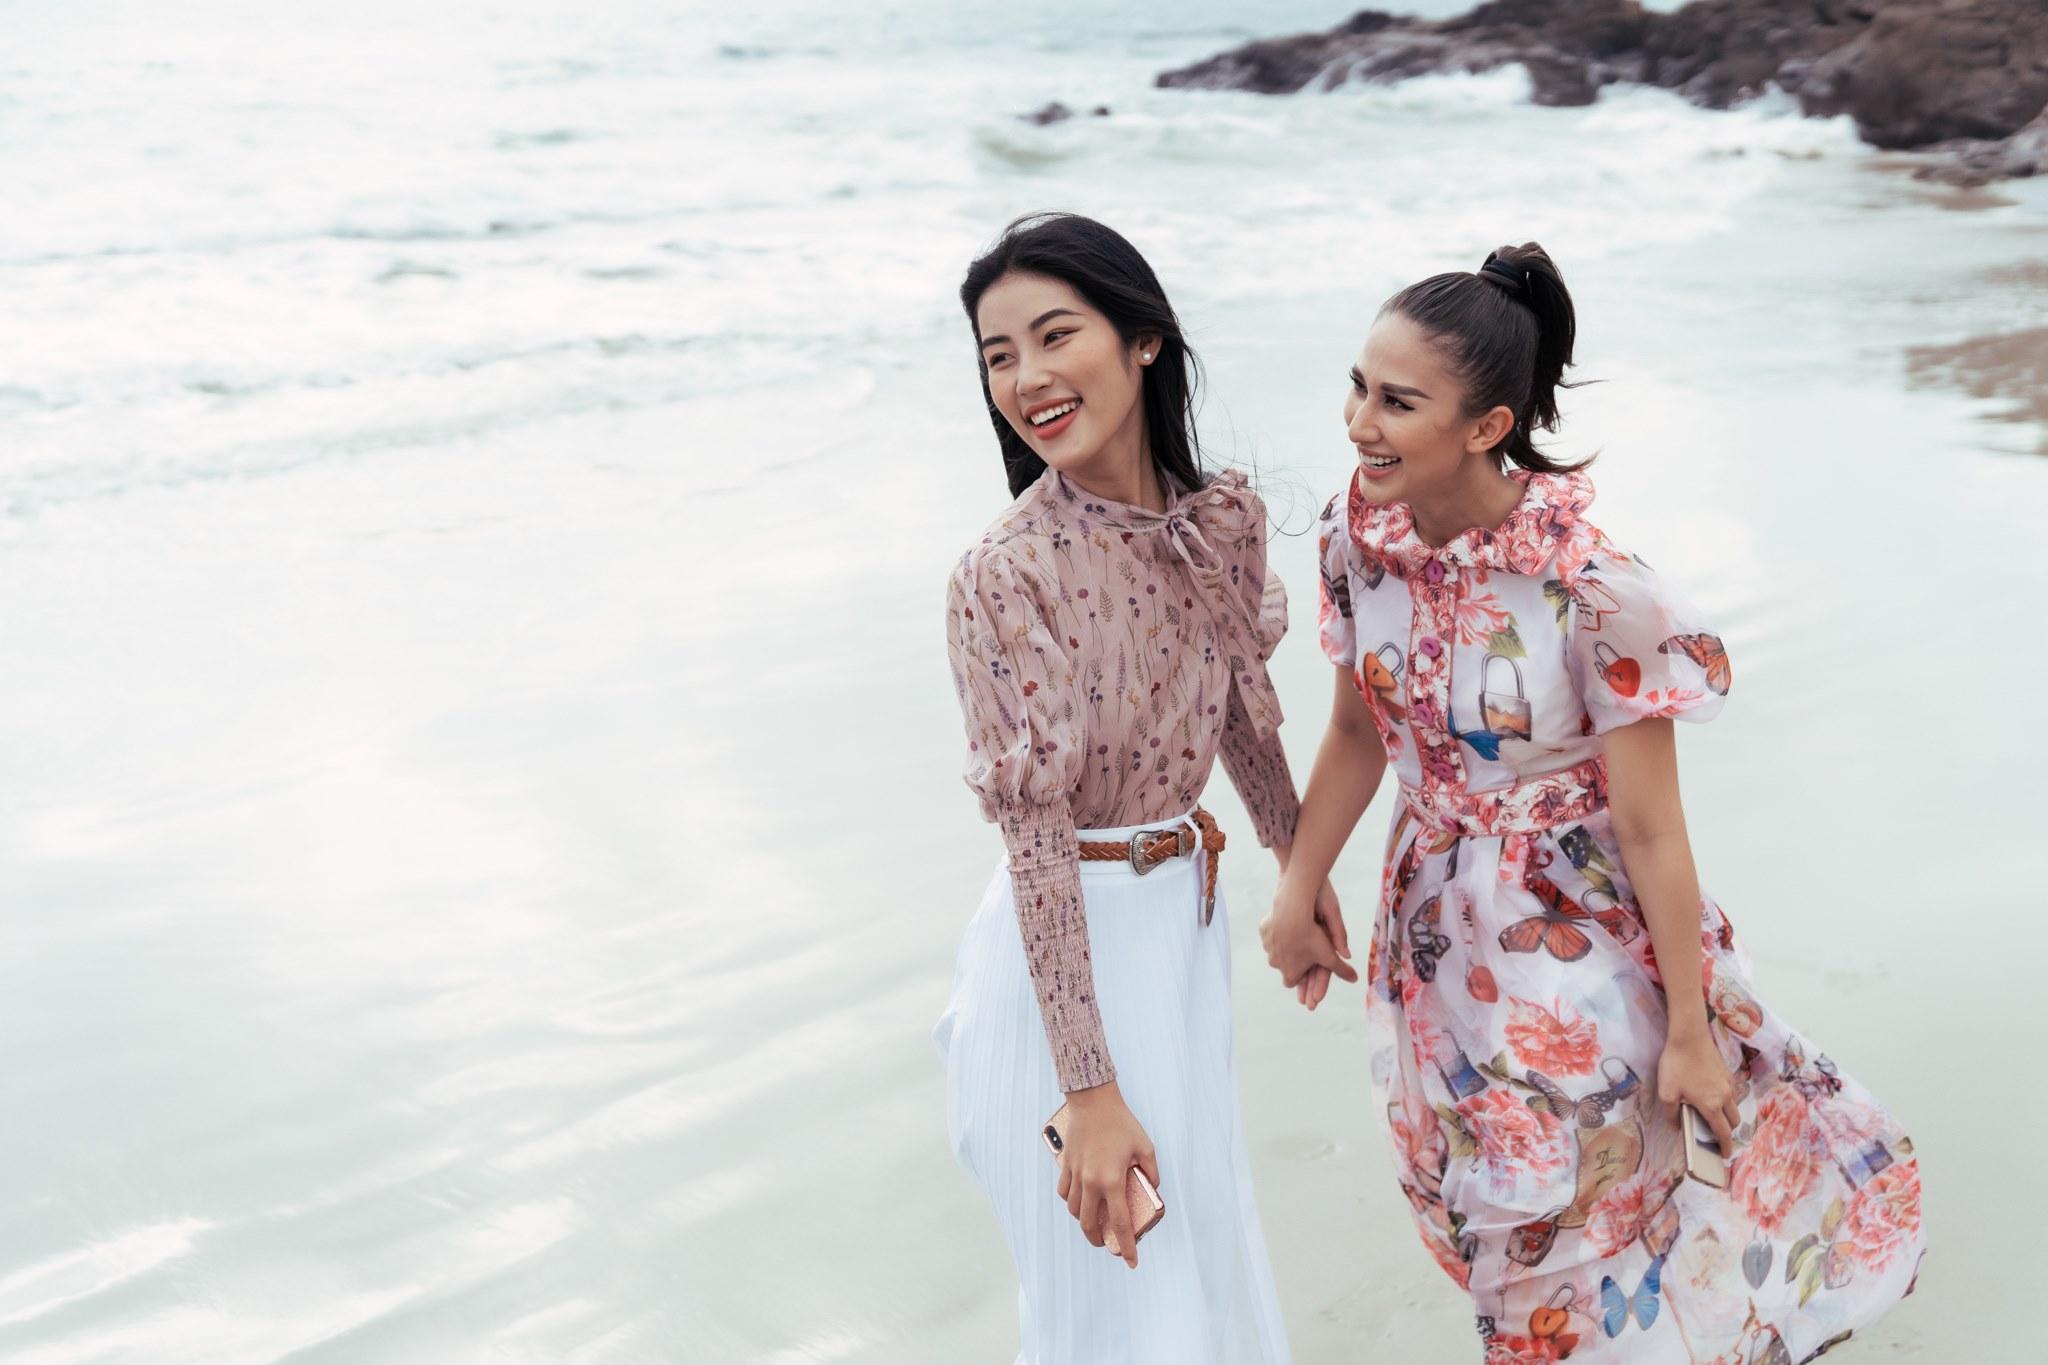 Top 45 thí sinh HHHV Việt Nam 2019 hóa nàng thơ tại bãi biển Nhũ Tiên5